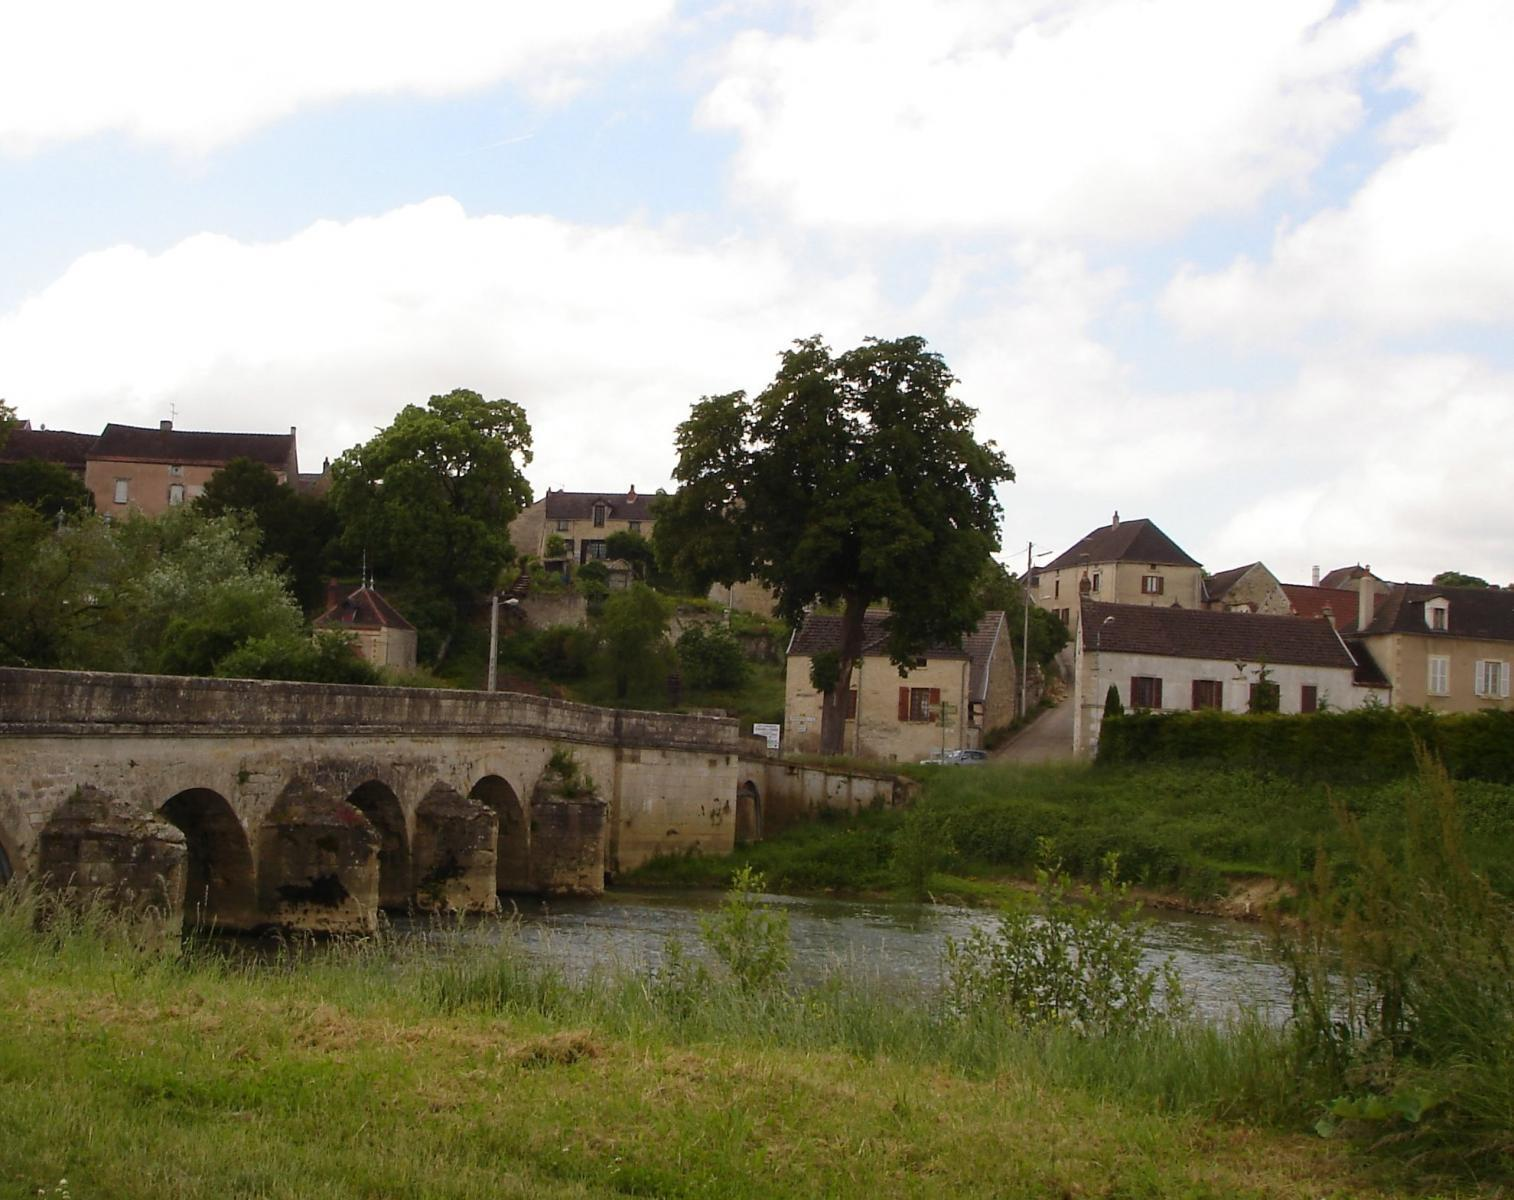 le pont de Pacy 16ème